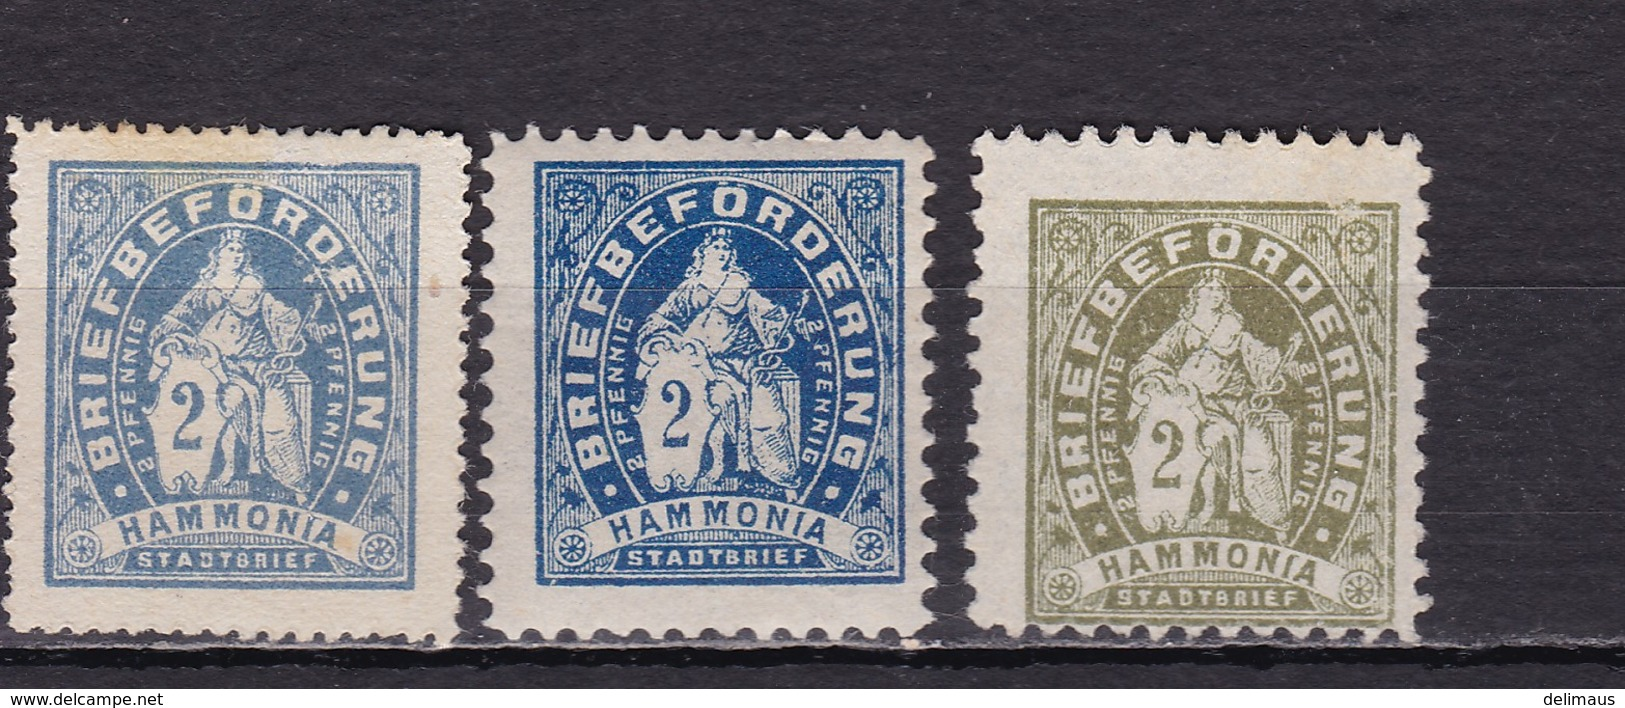 Deutsches Reich Privatpost Hamburg D HAMMONIA Mi.-Nr. 4 A/B Und Probedruck Oliv (unten Inschrift Stadtbrief) - Sello Particular